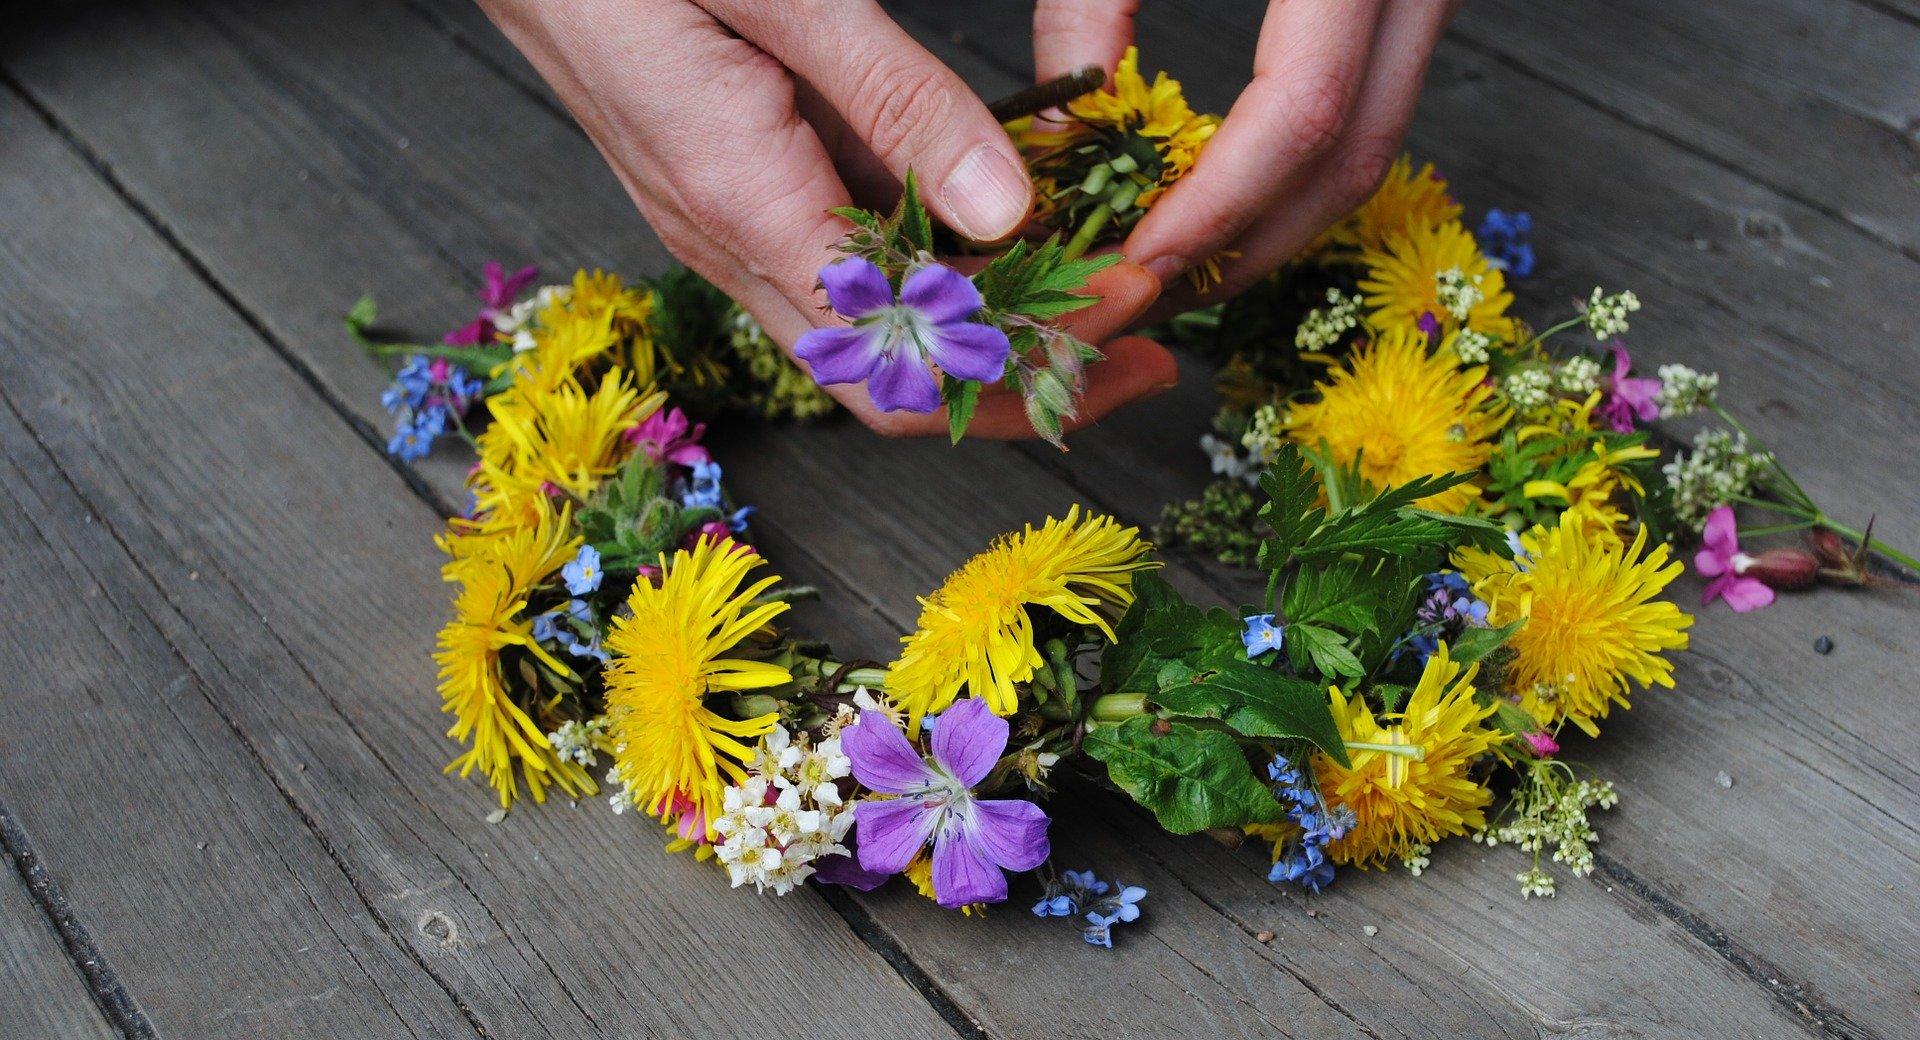 416 flower 1467550 1920